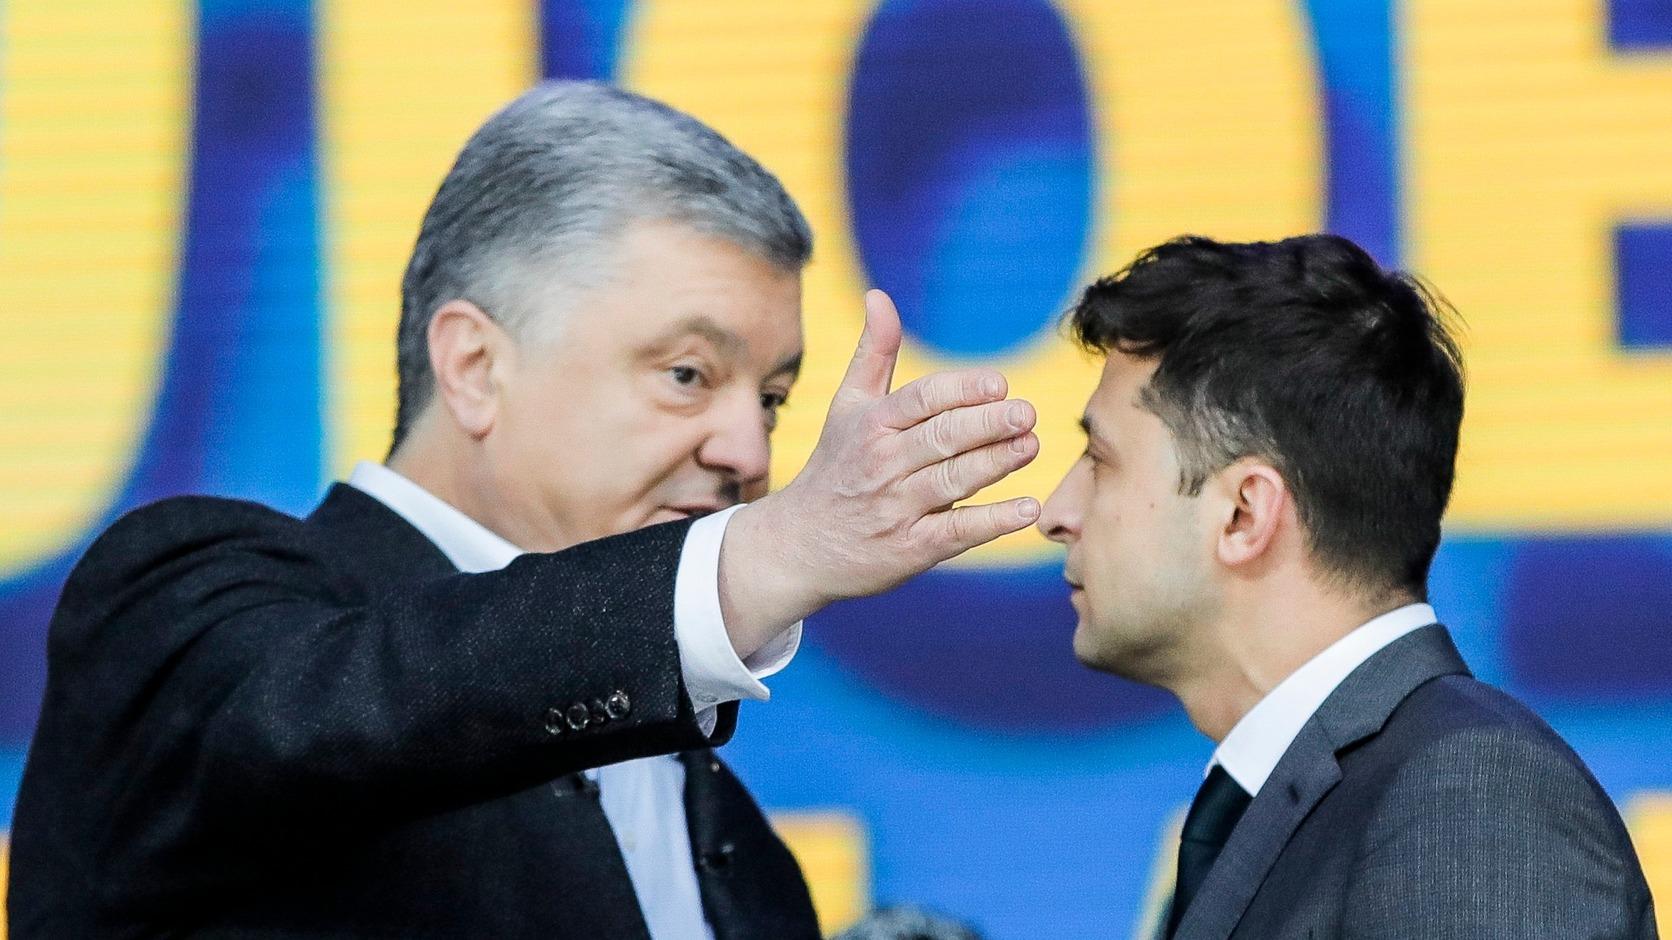 A nyilvános vita nem volt alkalmas valódi eszmecserére (Fotó: MTI/AP/Vadim Ghirda)